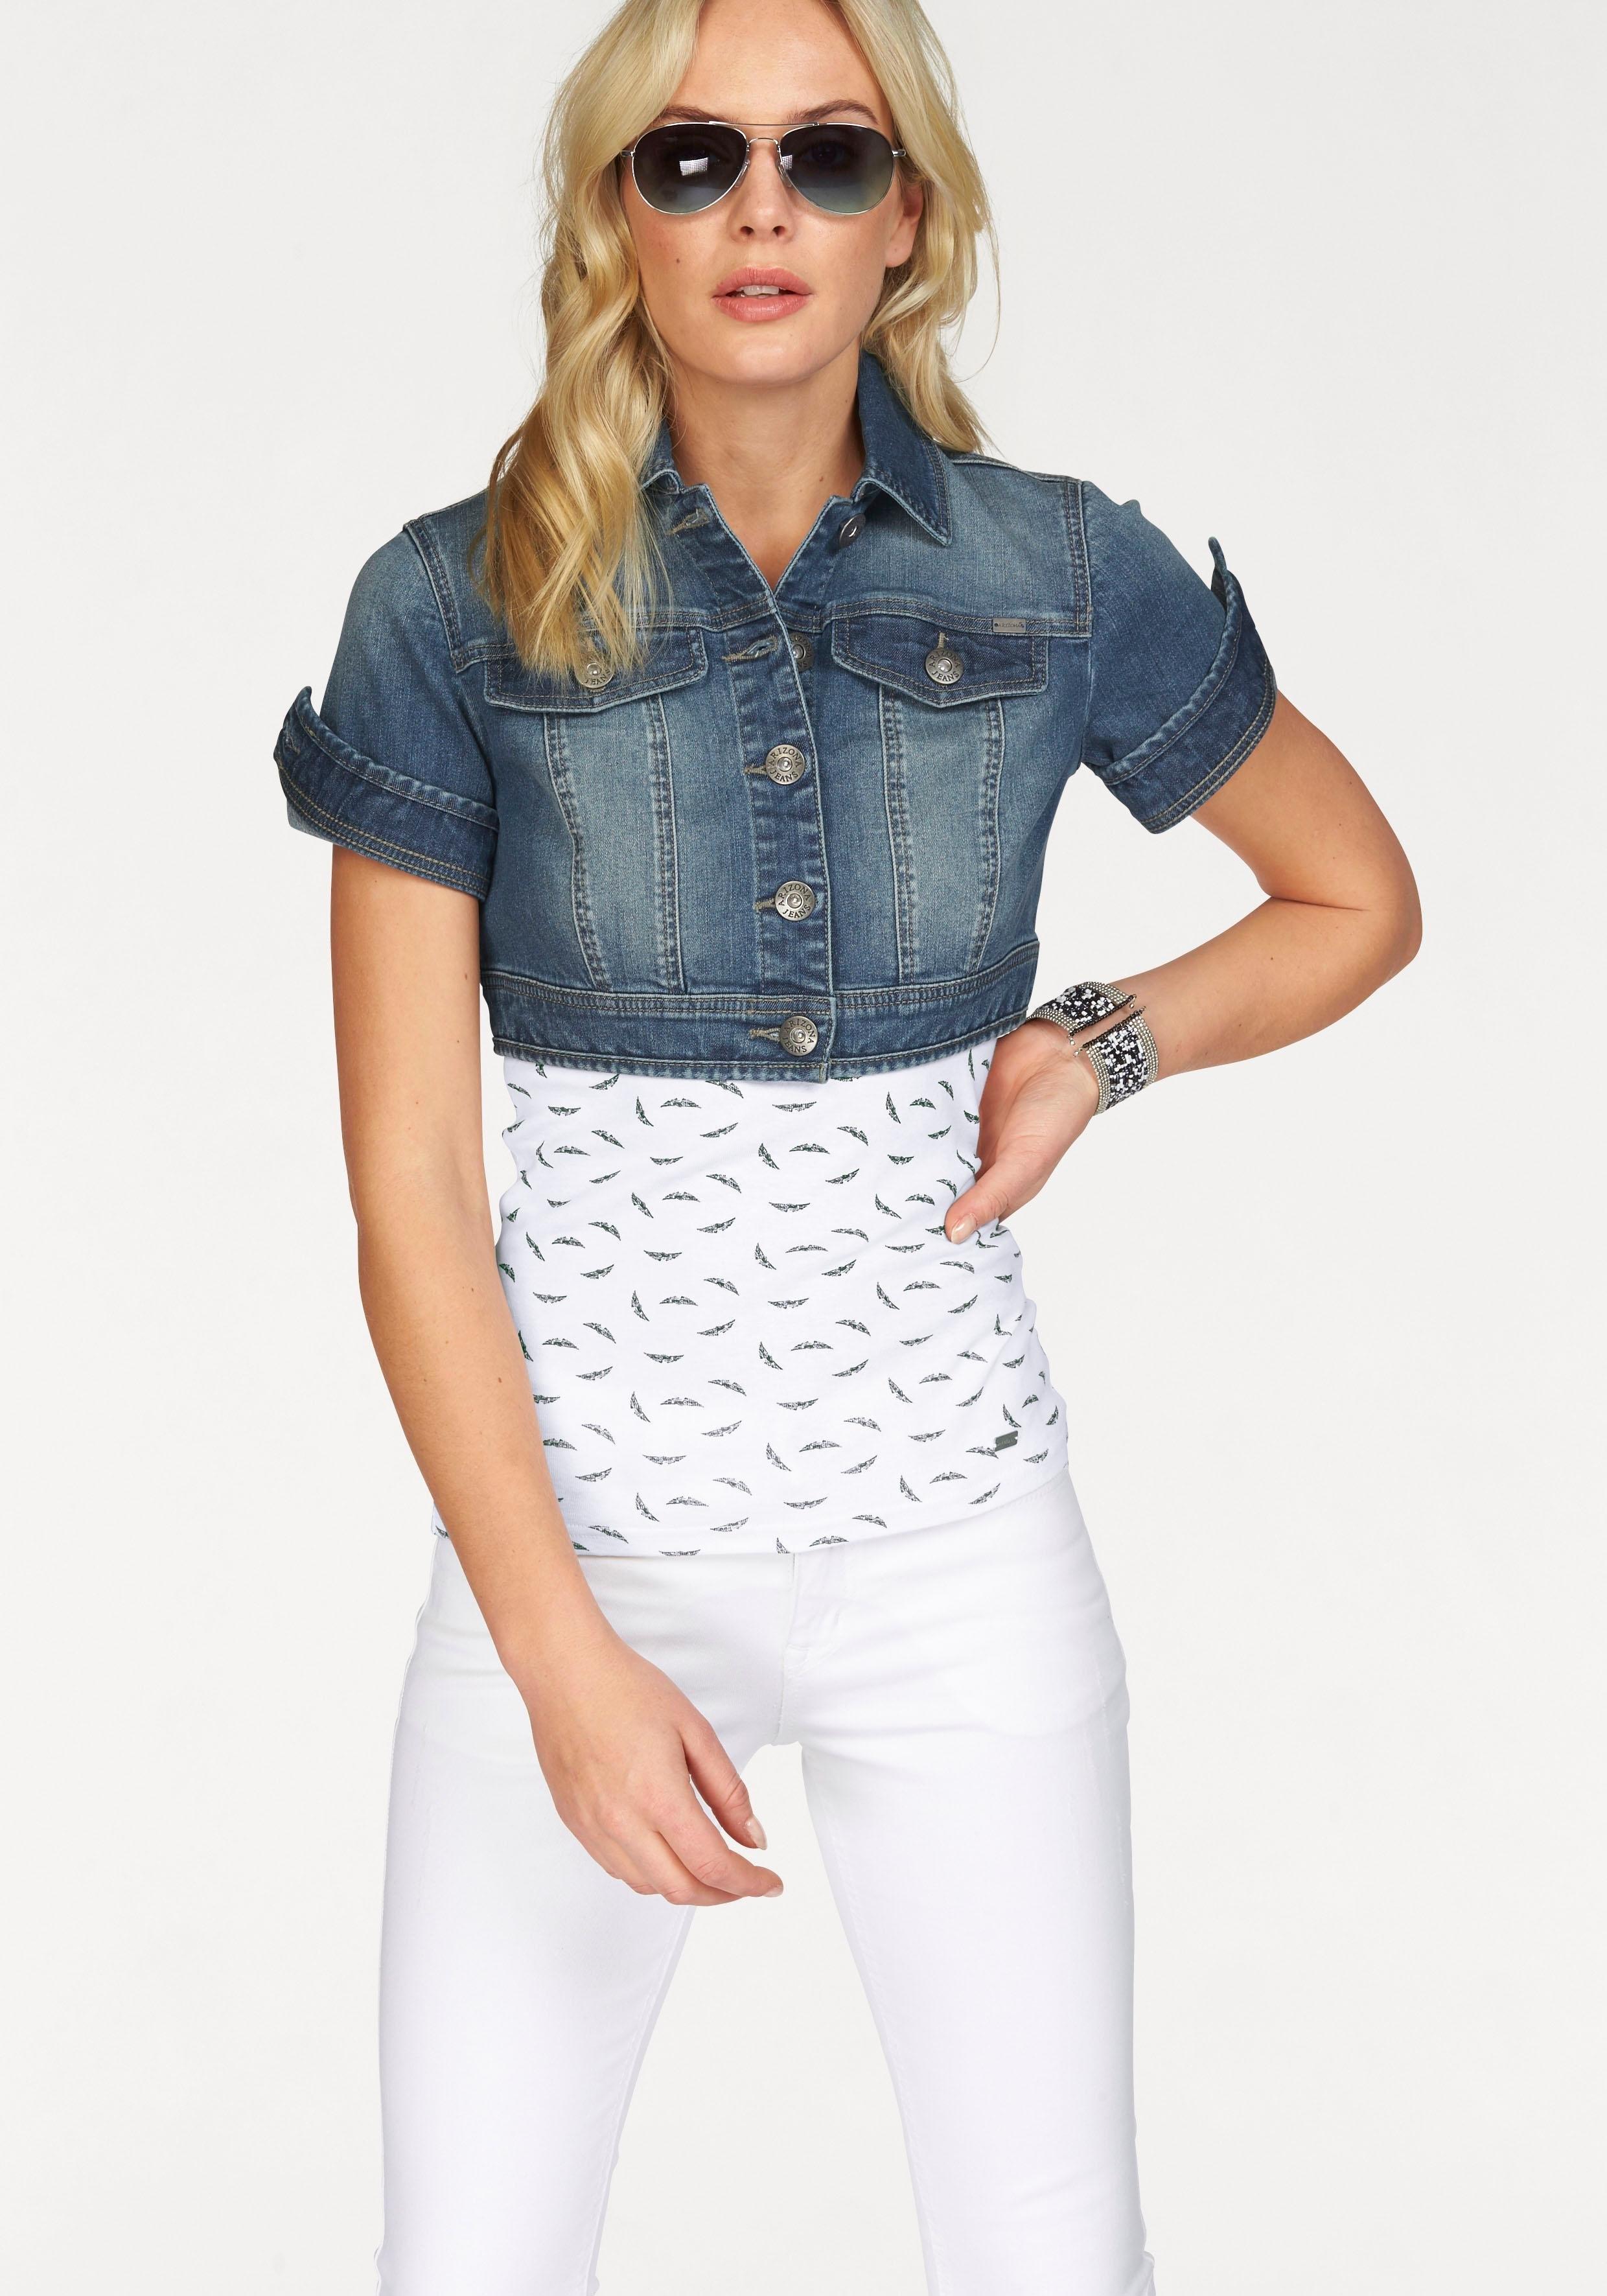 ARIZONA jeansjack online kopen op otto.nl